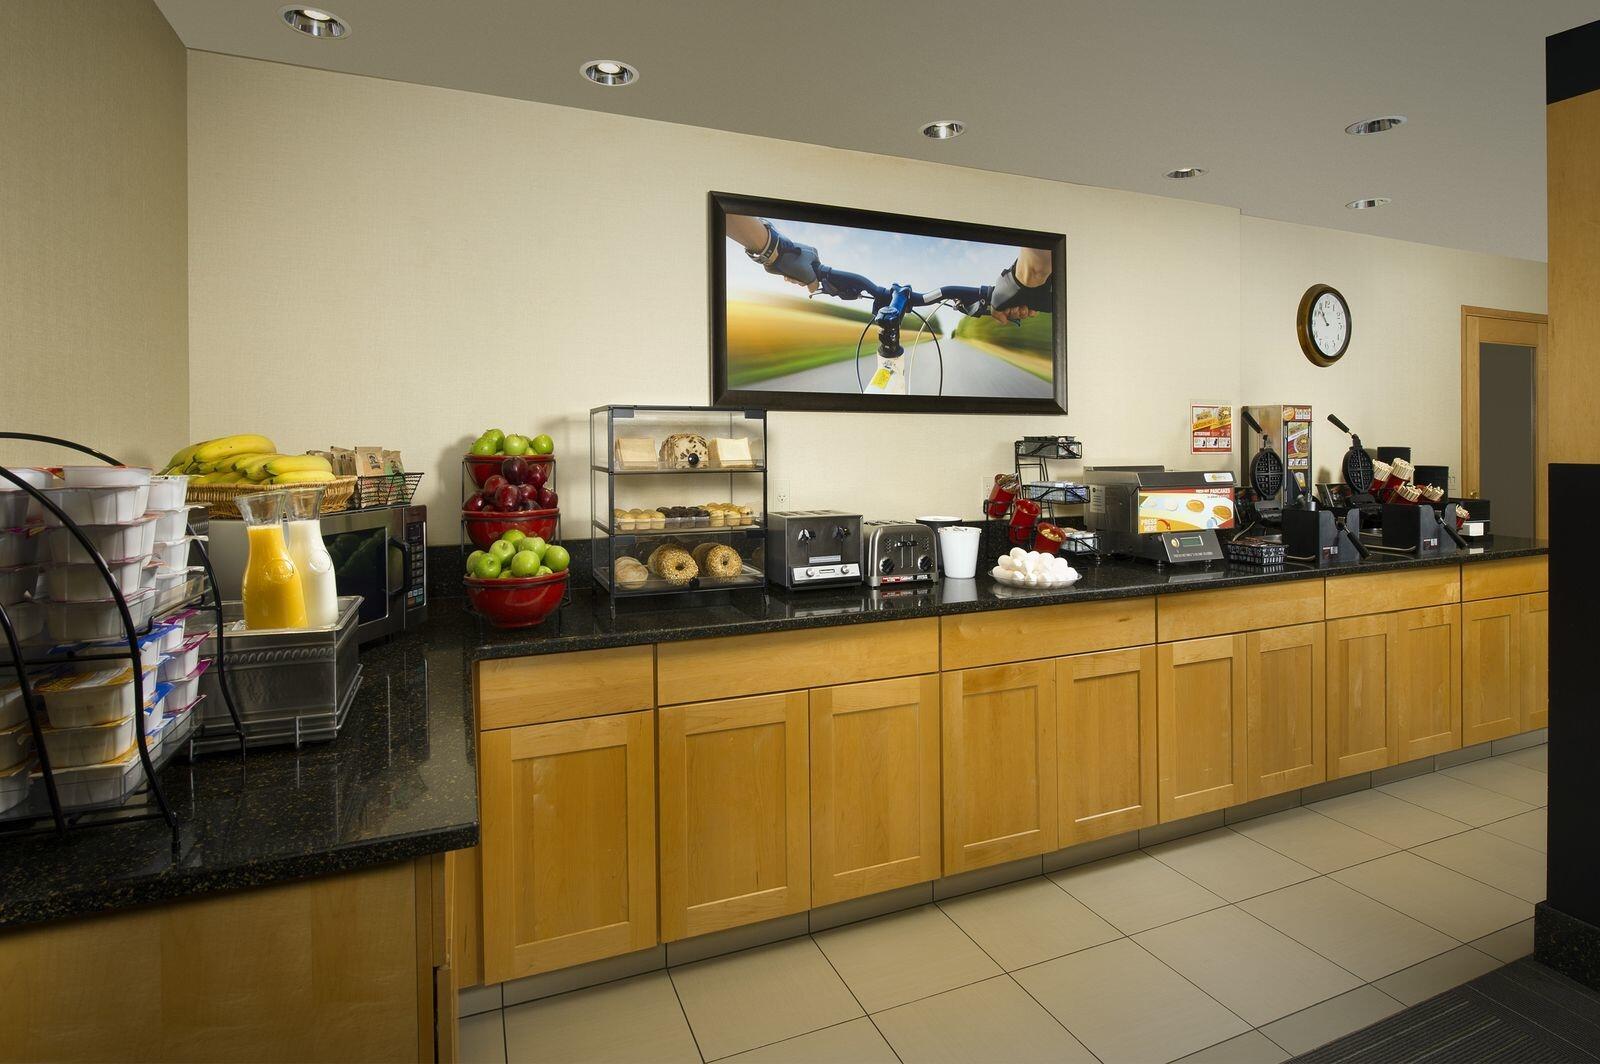 Breakfast buffet area